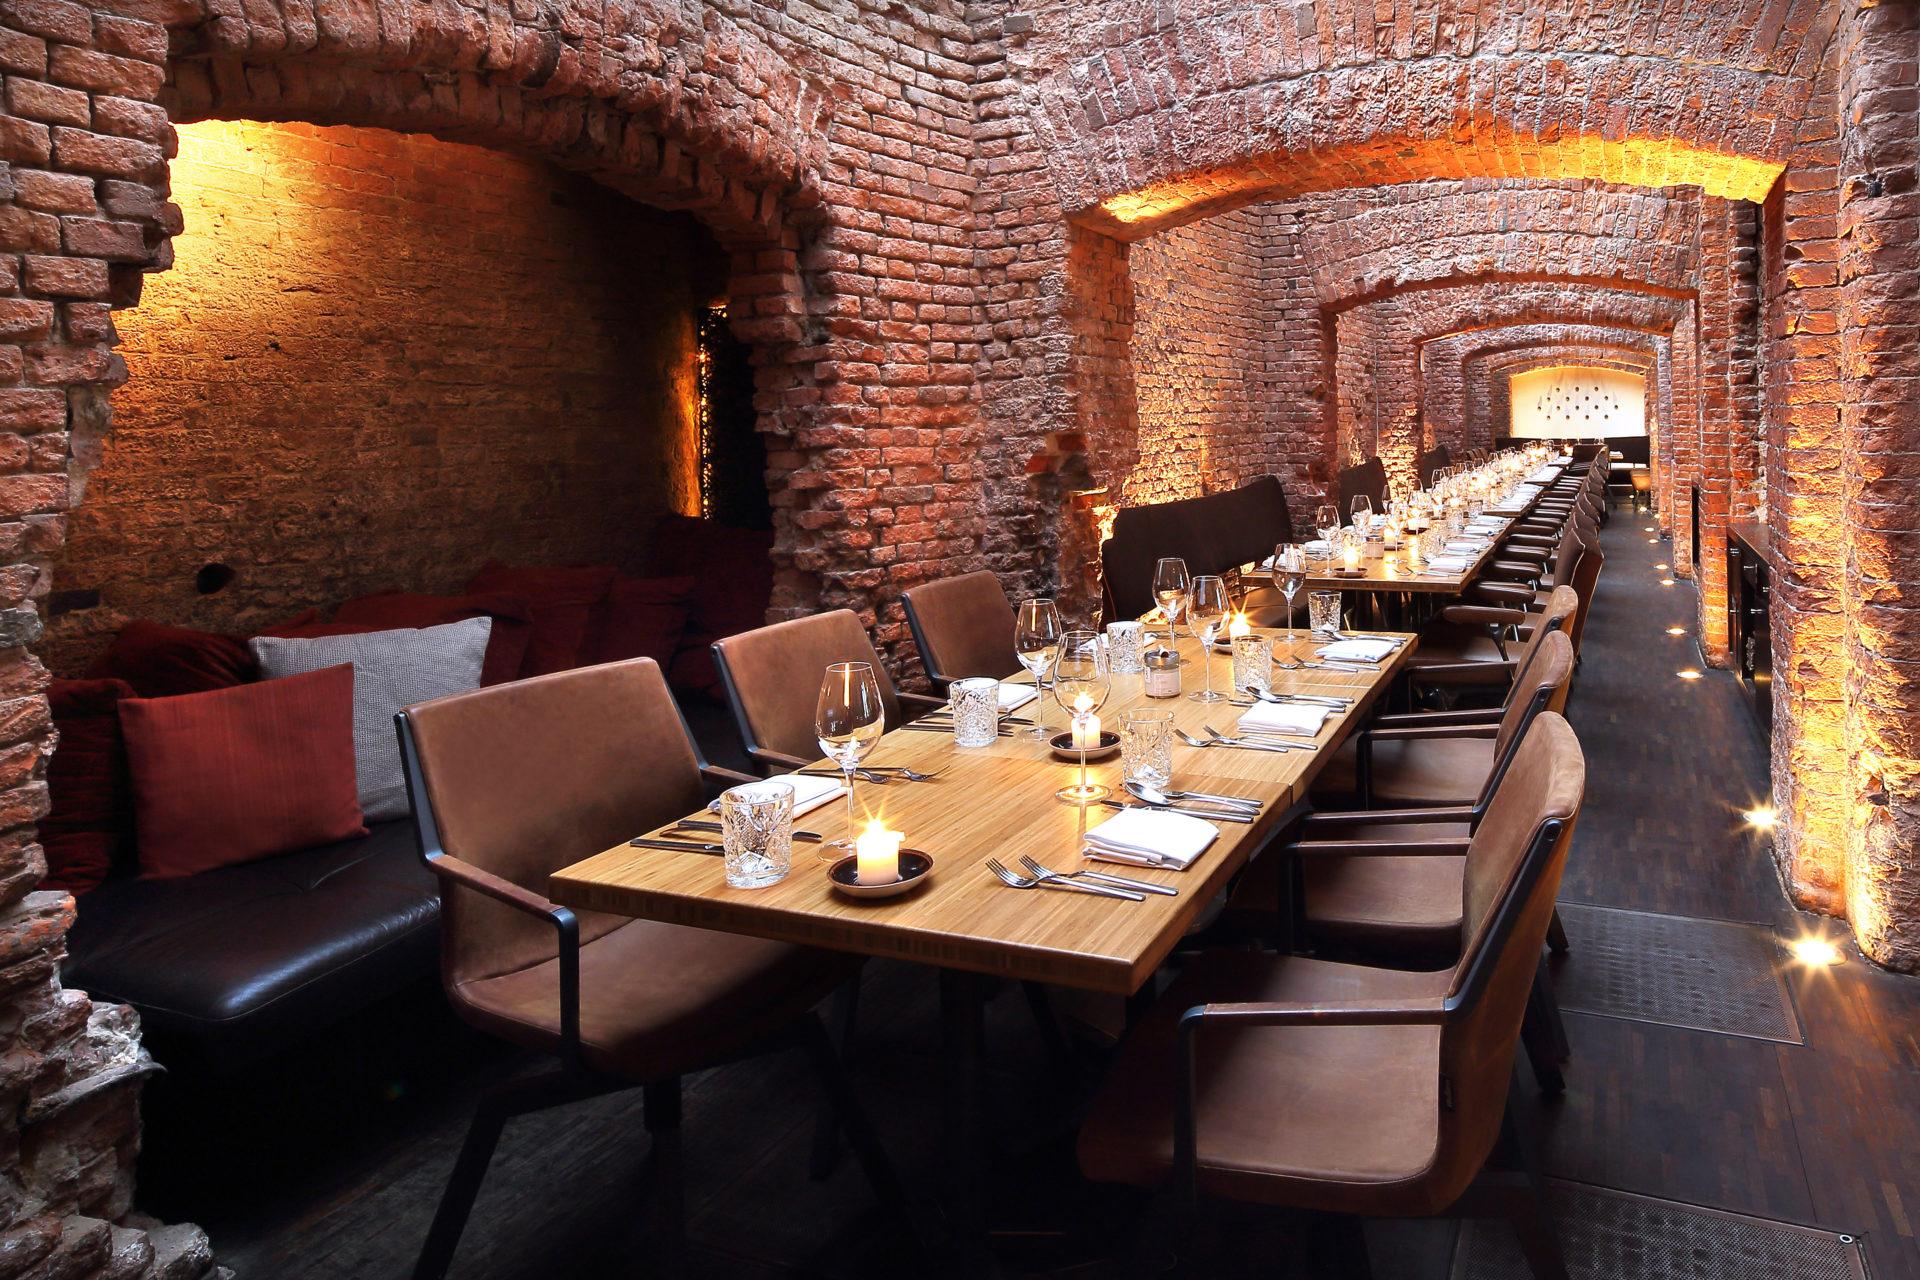 EAST_Restaurant_AnjaBeutler.de_07b